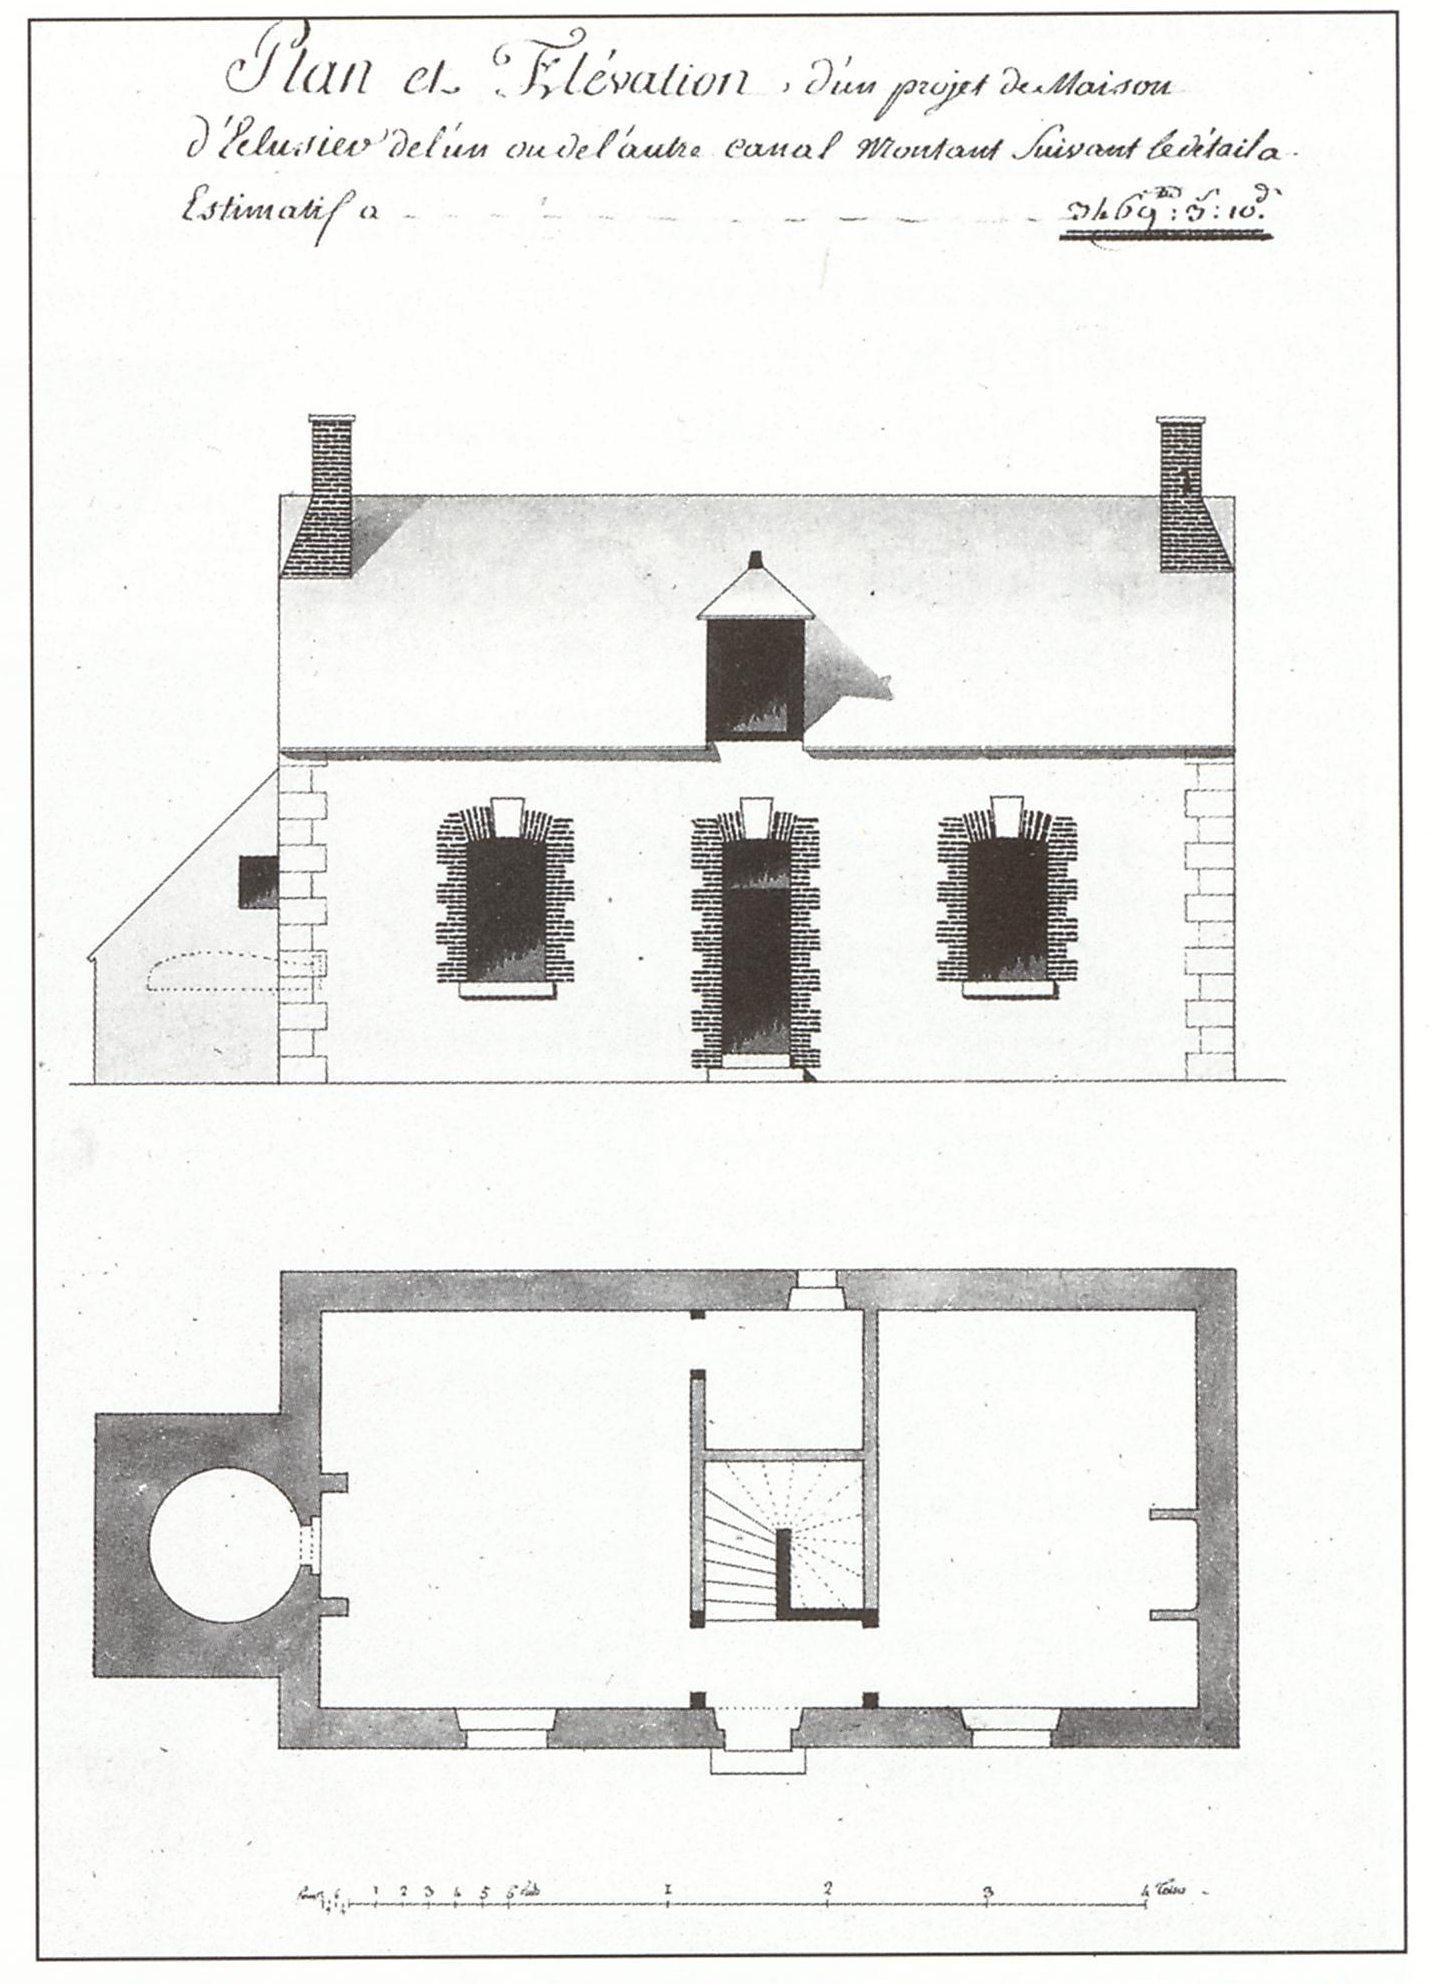 Plan Elevation Maison : Canal d orléans